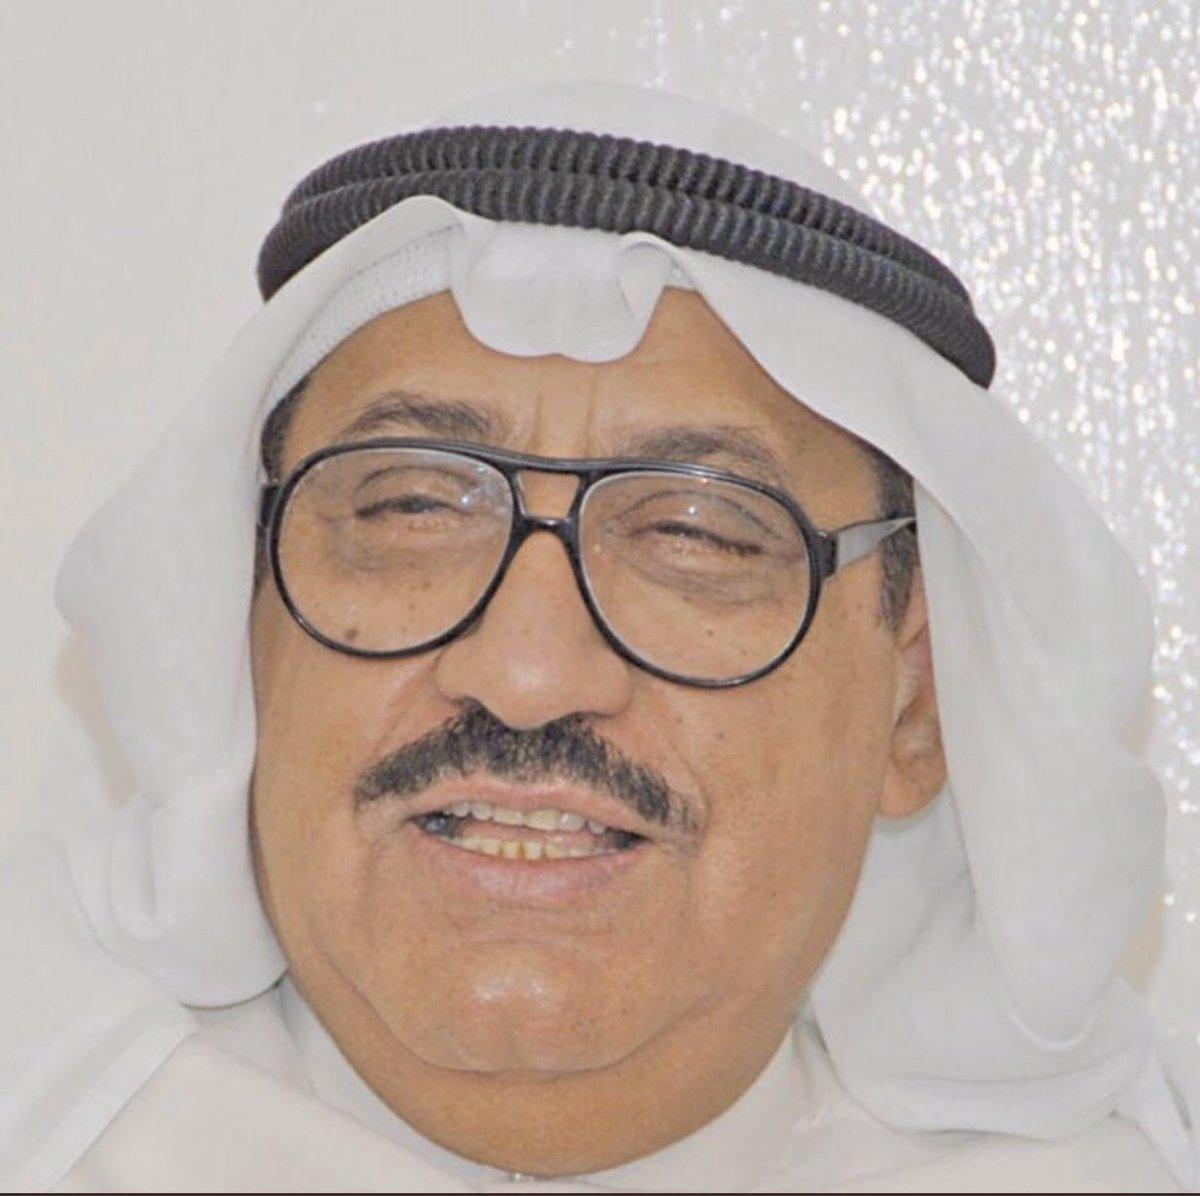 دعواتكم للعم عبدالعزيز المفرج بالشفاء والعافية https://t.co/hsdgjLveNY